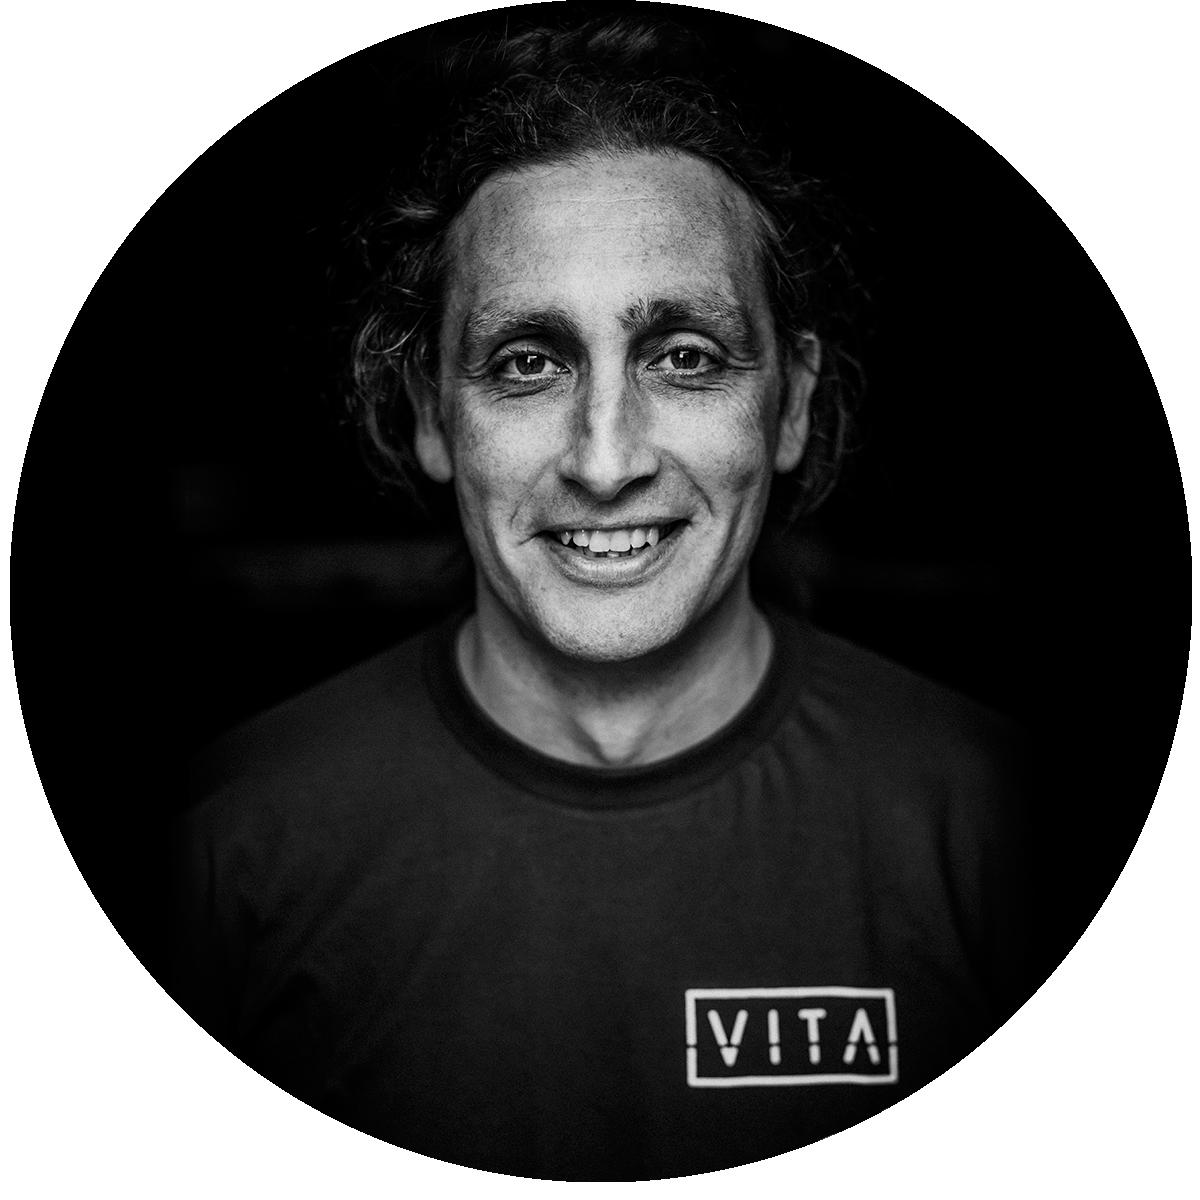 Sergio, nuestro shaper en Vita